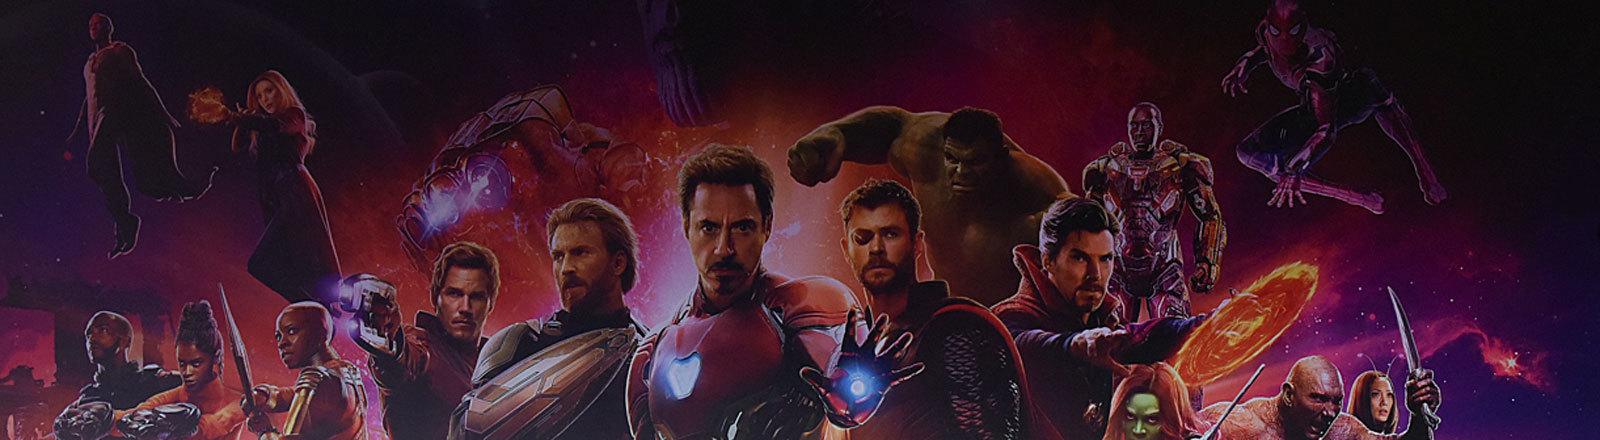 """""""Avengers: Infinity War"""" Pressekonferenz in Shanghai, Ausschnitt der Wanddeko mit einigen der Superhelden"""